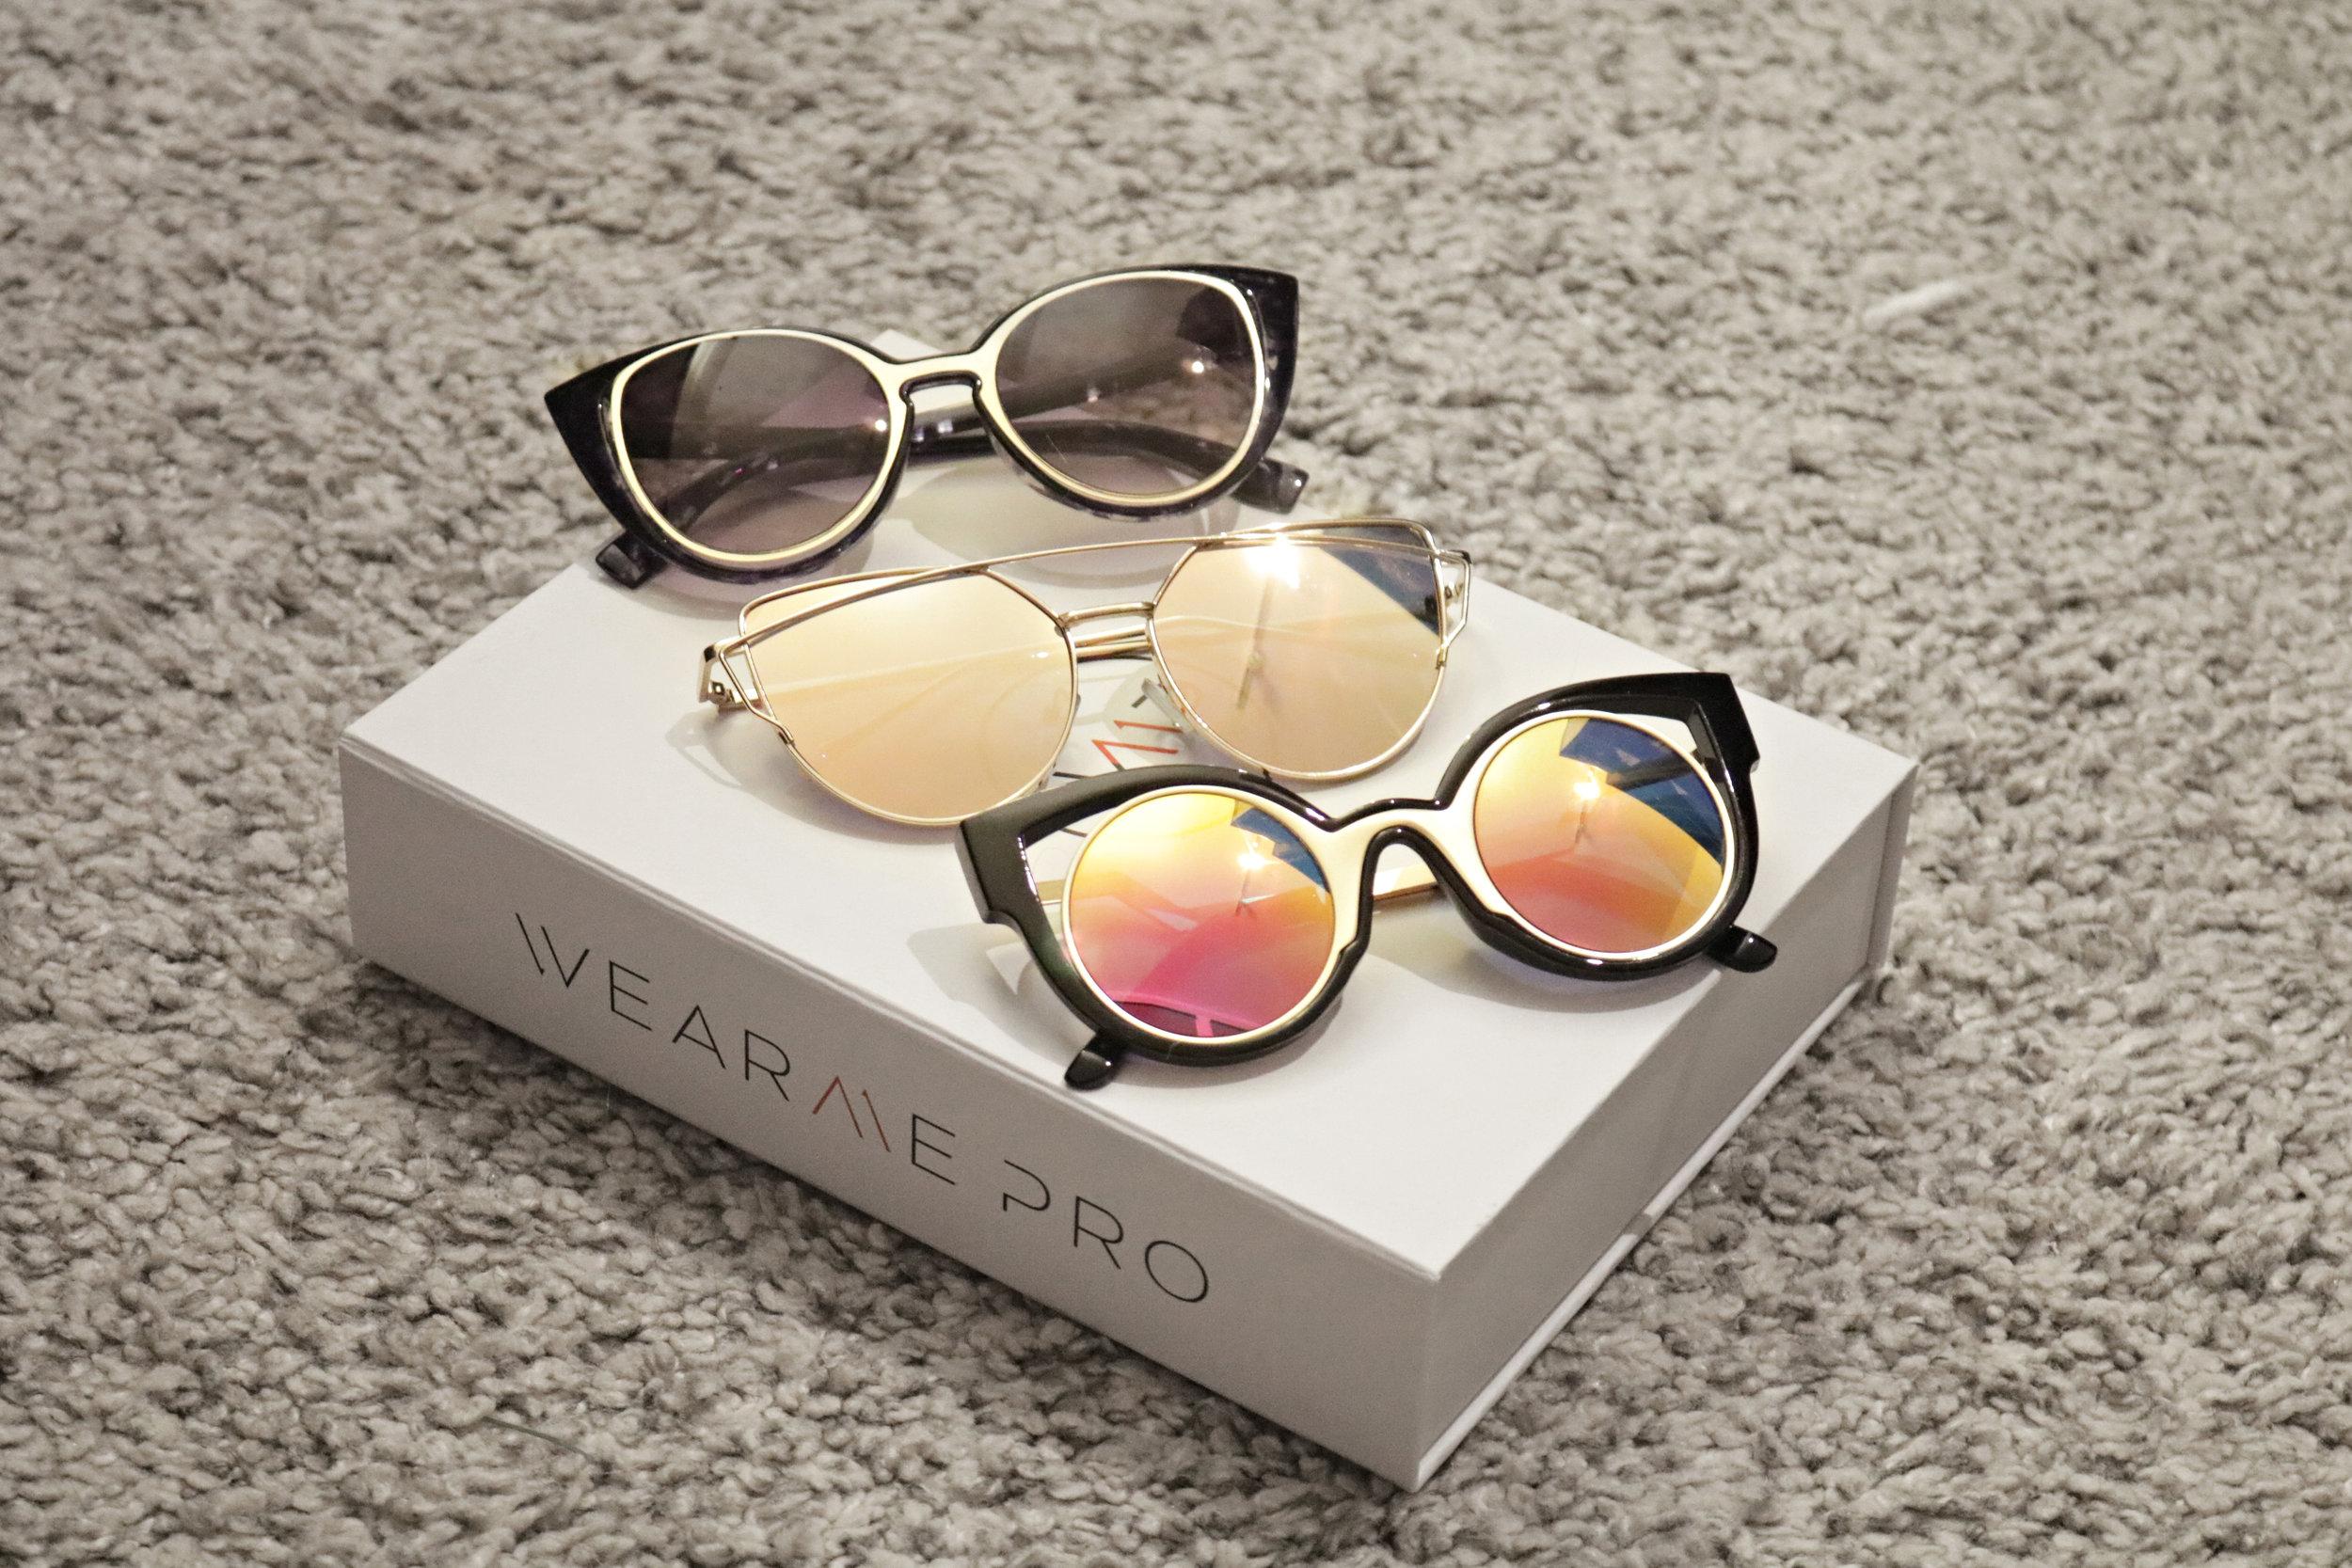 review_wearme_pro_shadesbox.jpg